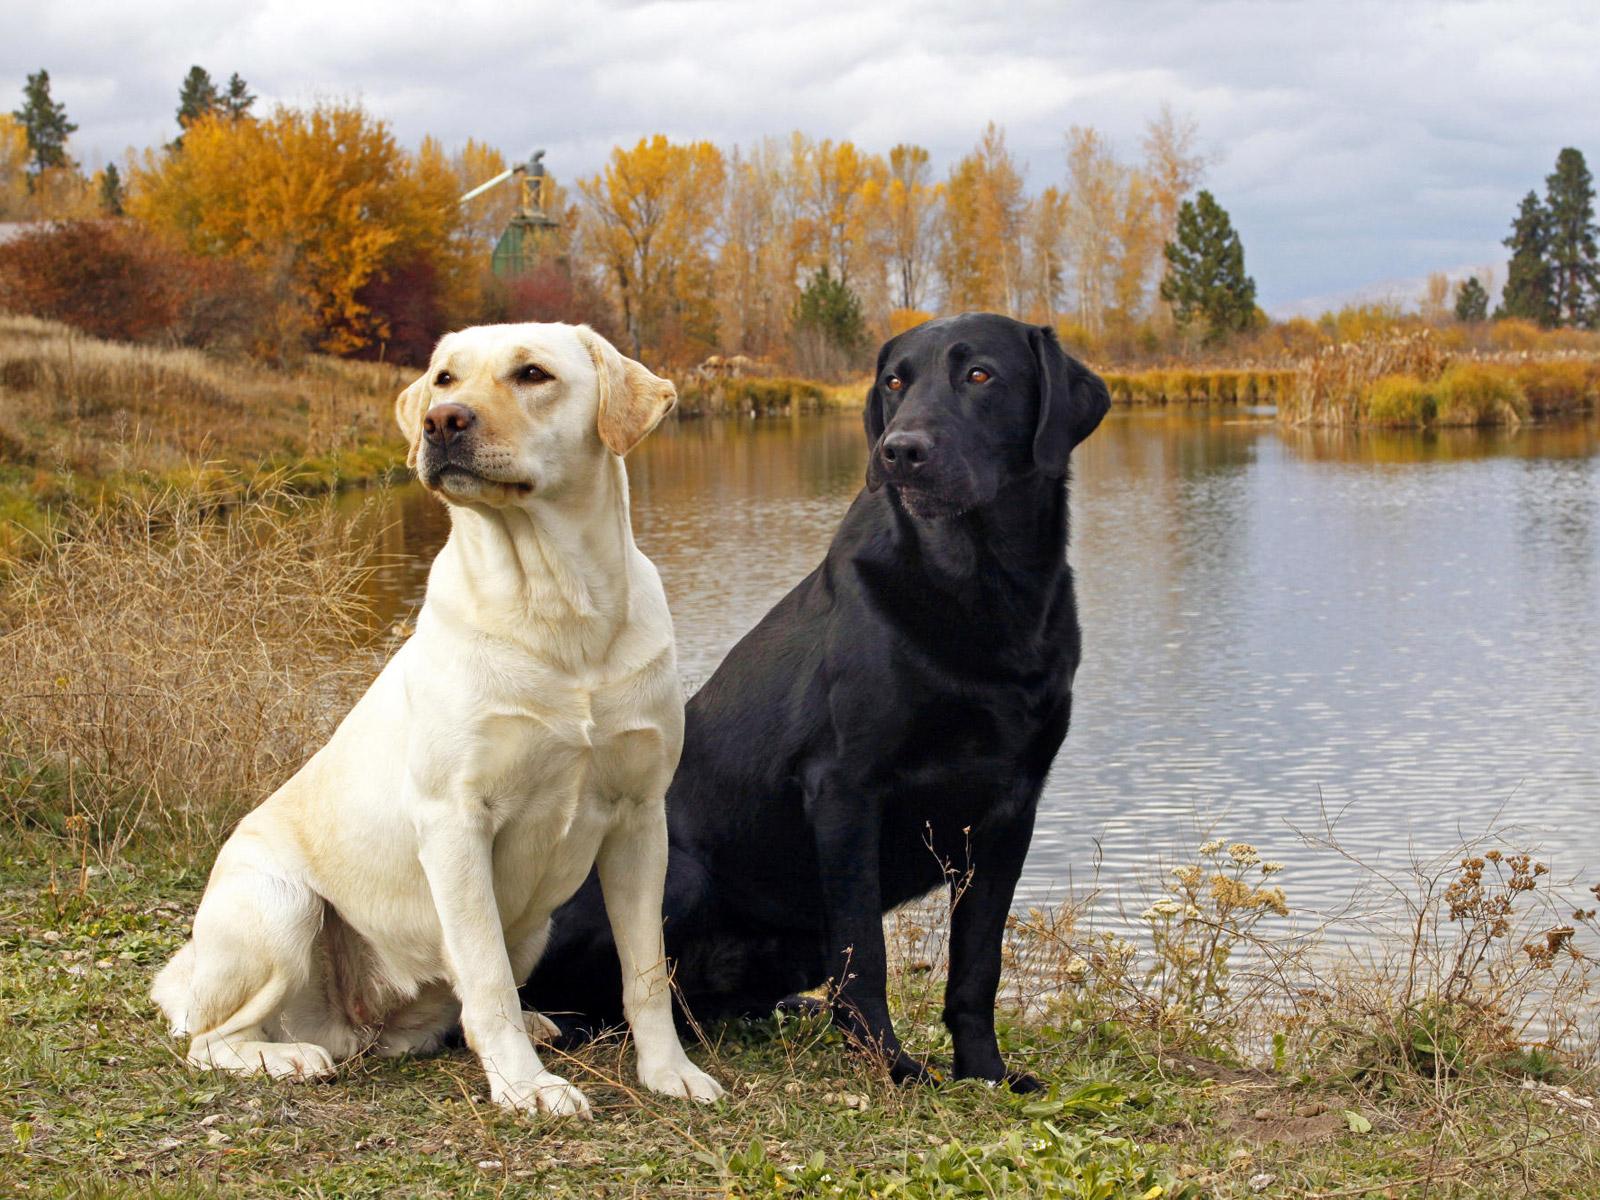 http://4.bp.blogspot.com/-jo74CvoFx8s/UPGHIb8cJoI/AAAAAAAAFf0/jB3-mX20NdI/s1600/American+Labrador+Retriever+02.jpg